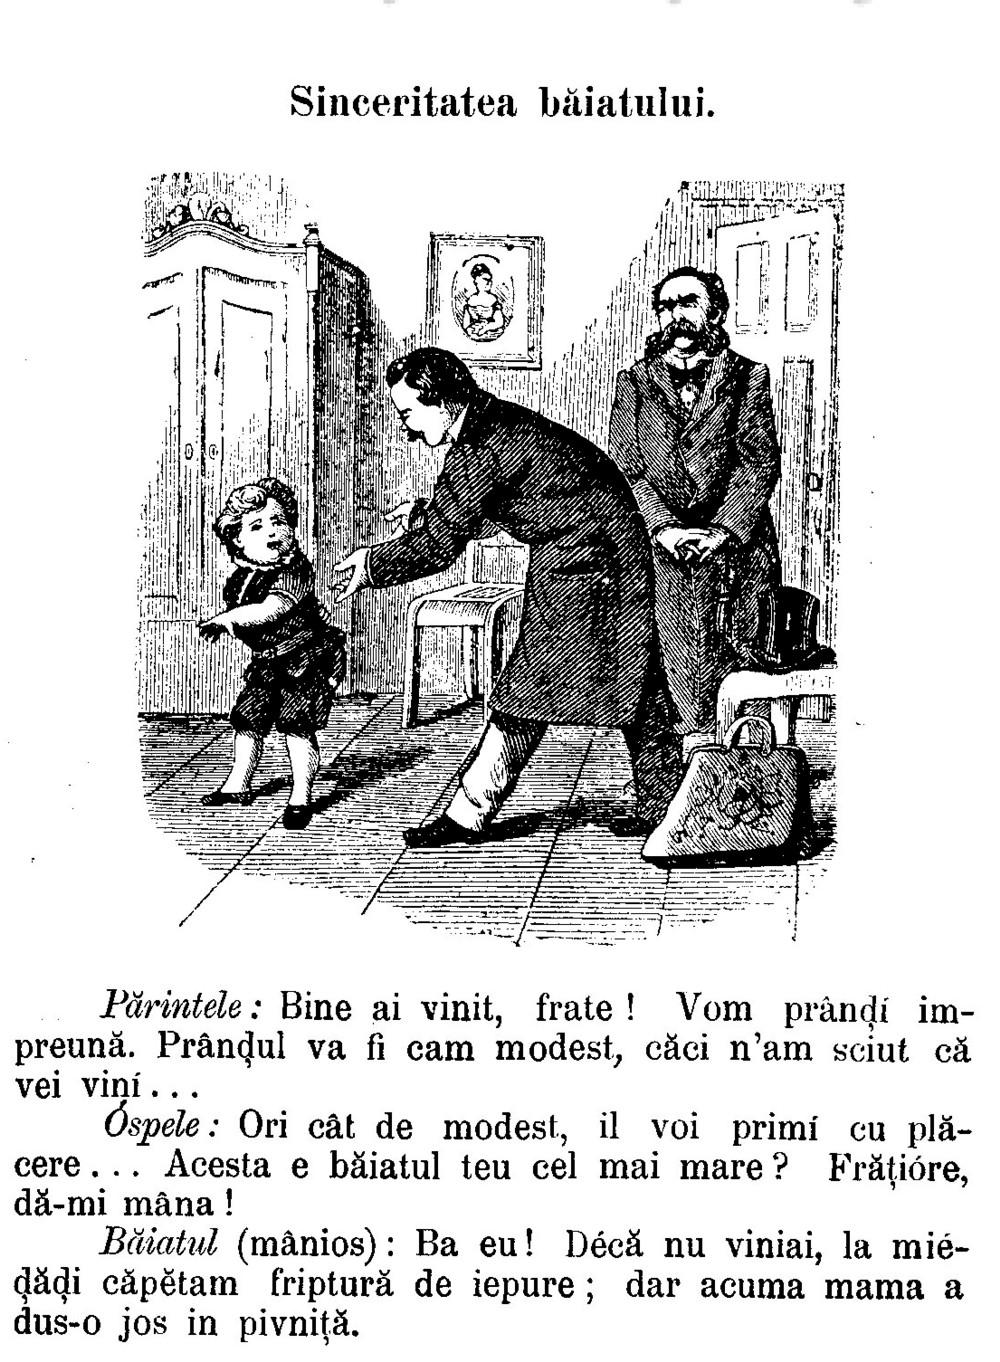 1884 Sinceritatea baiatului